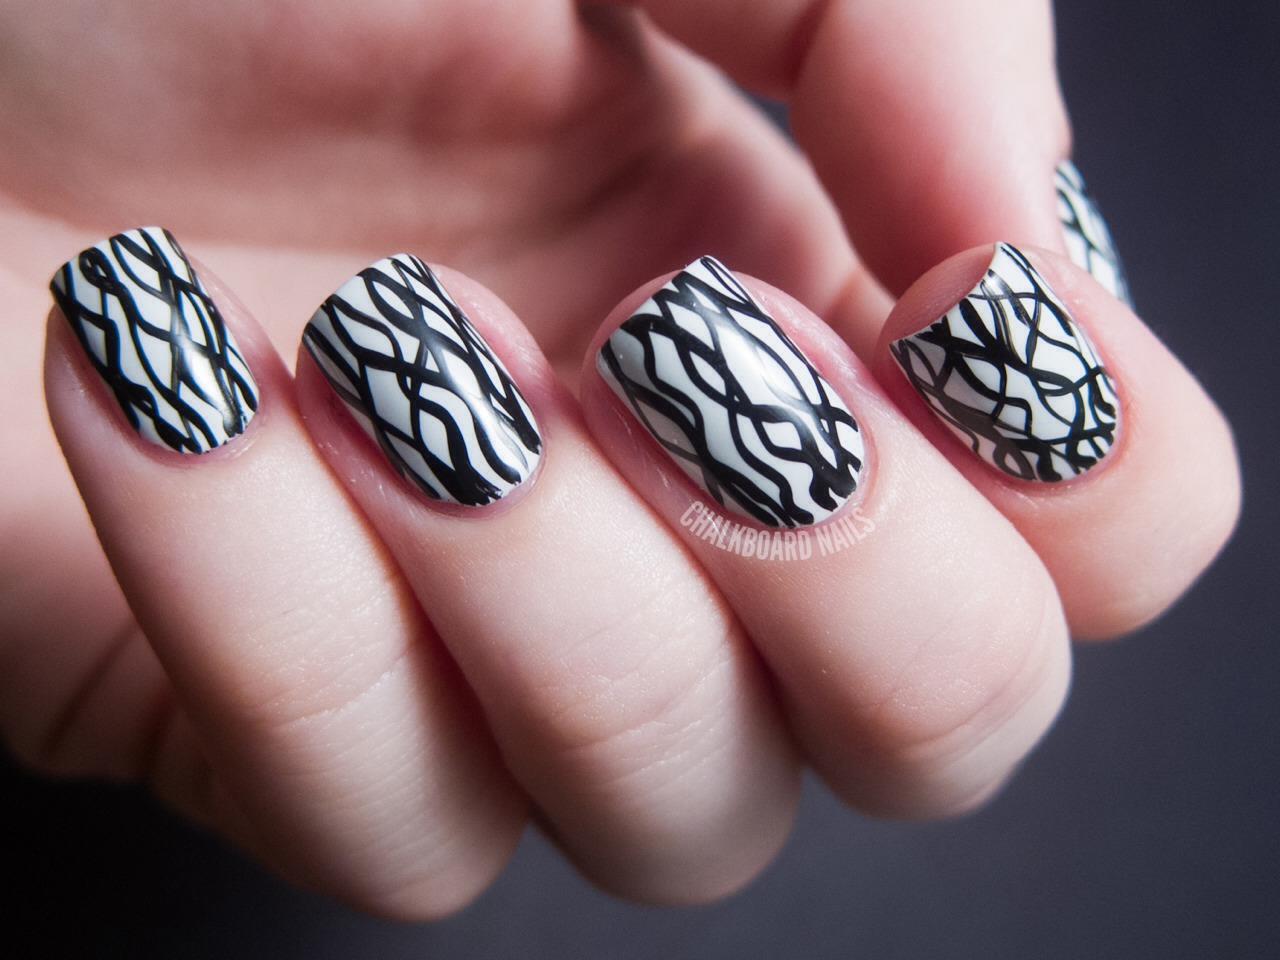 того, черно белая картинка дизайна ногтей такого